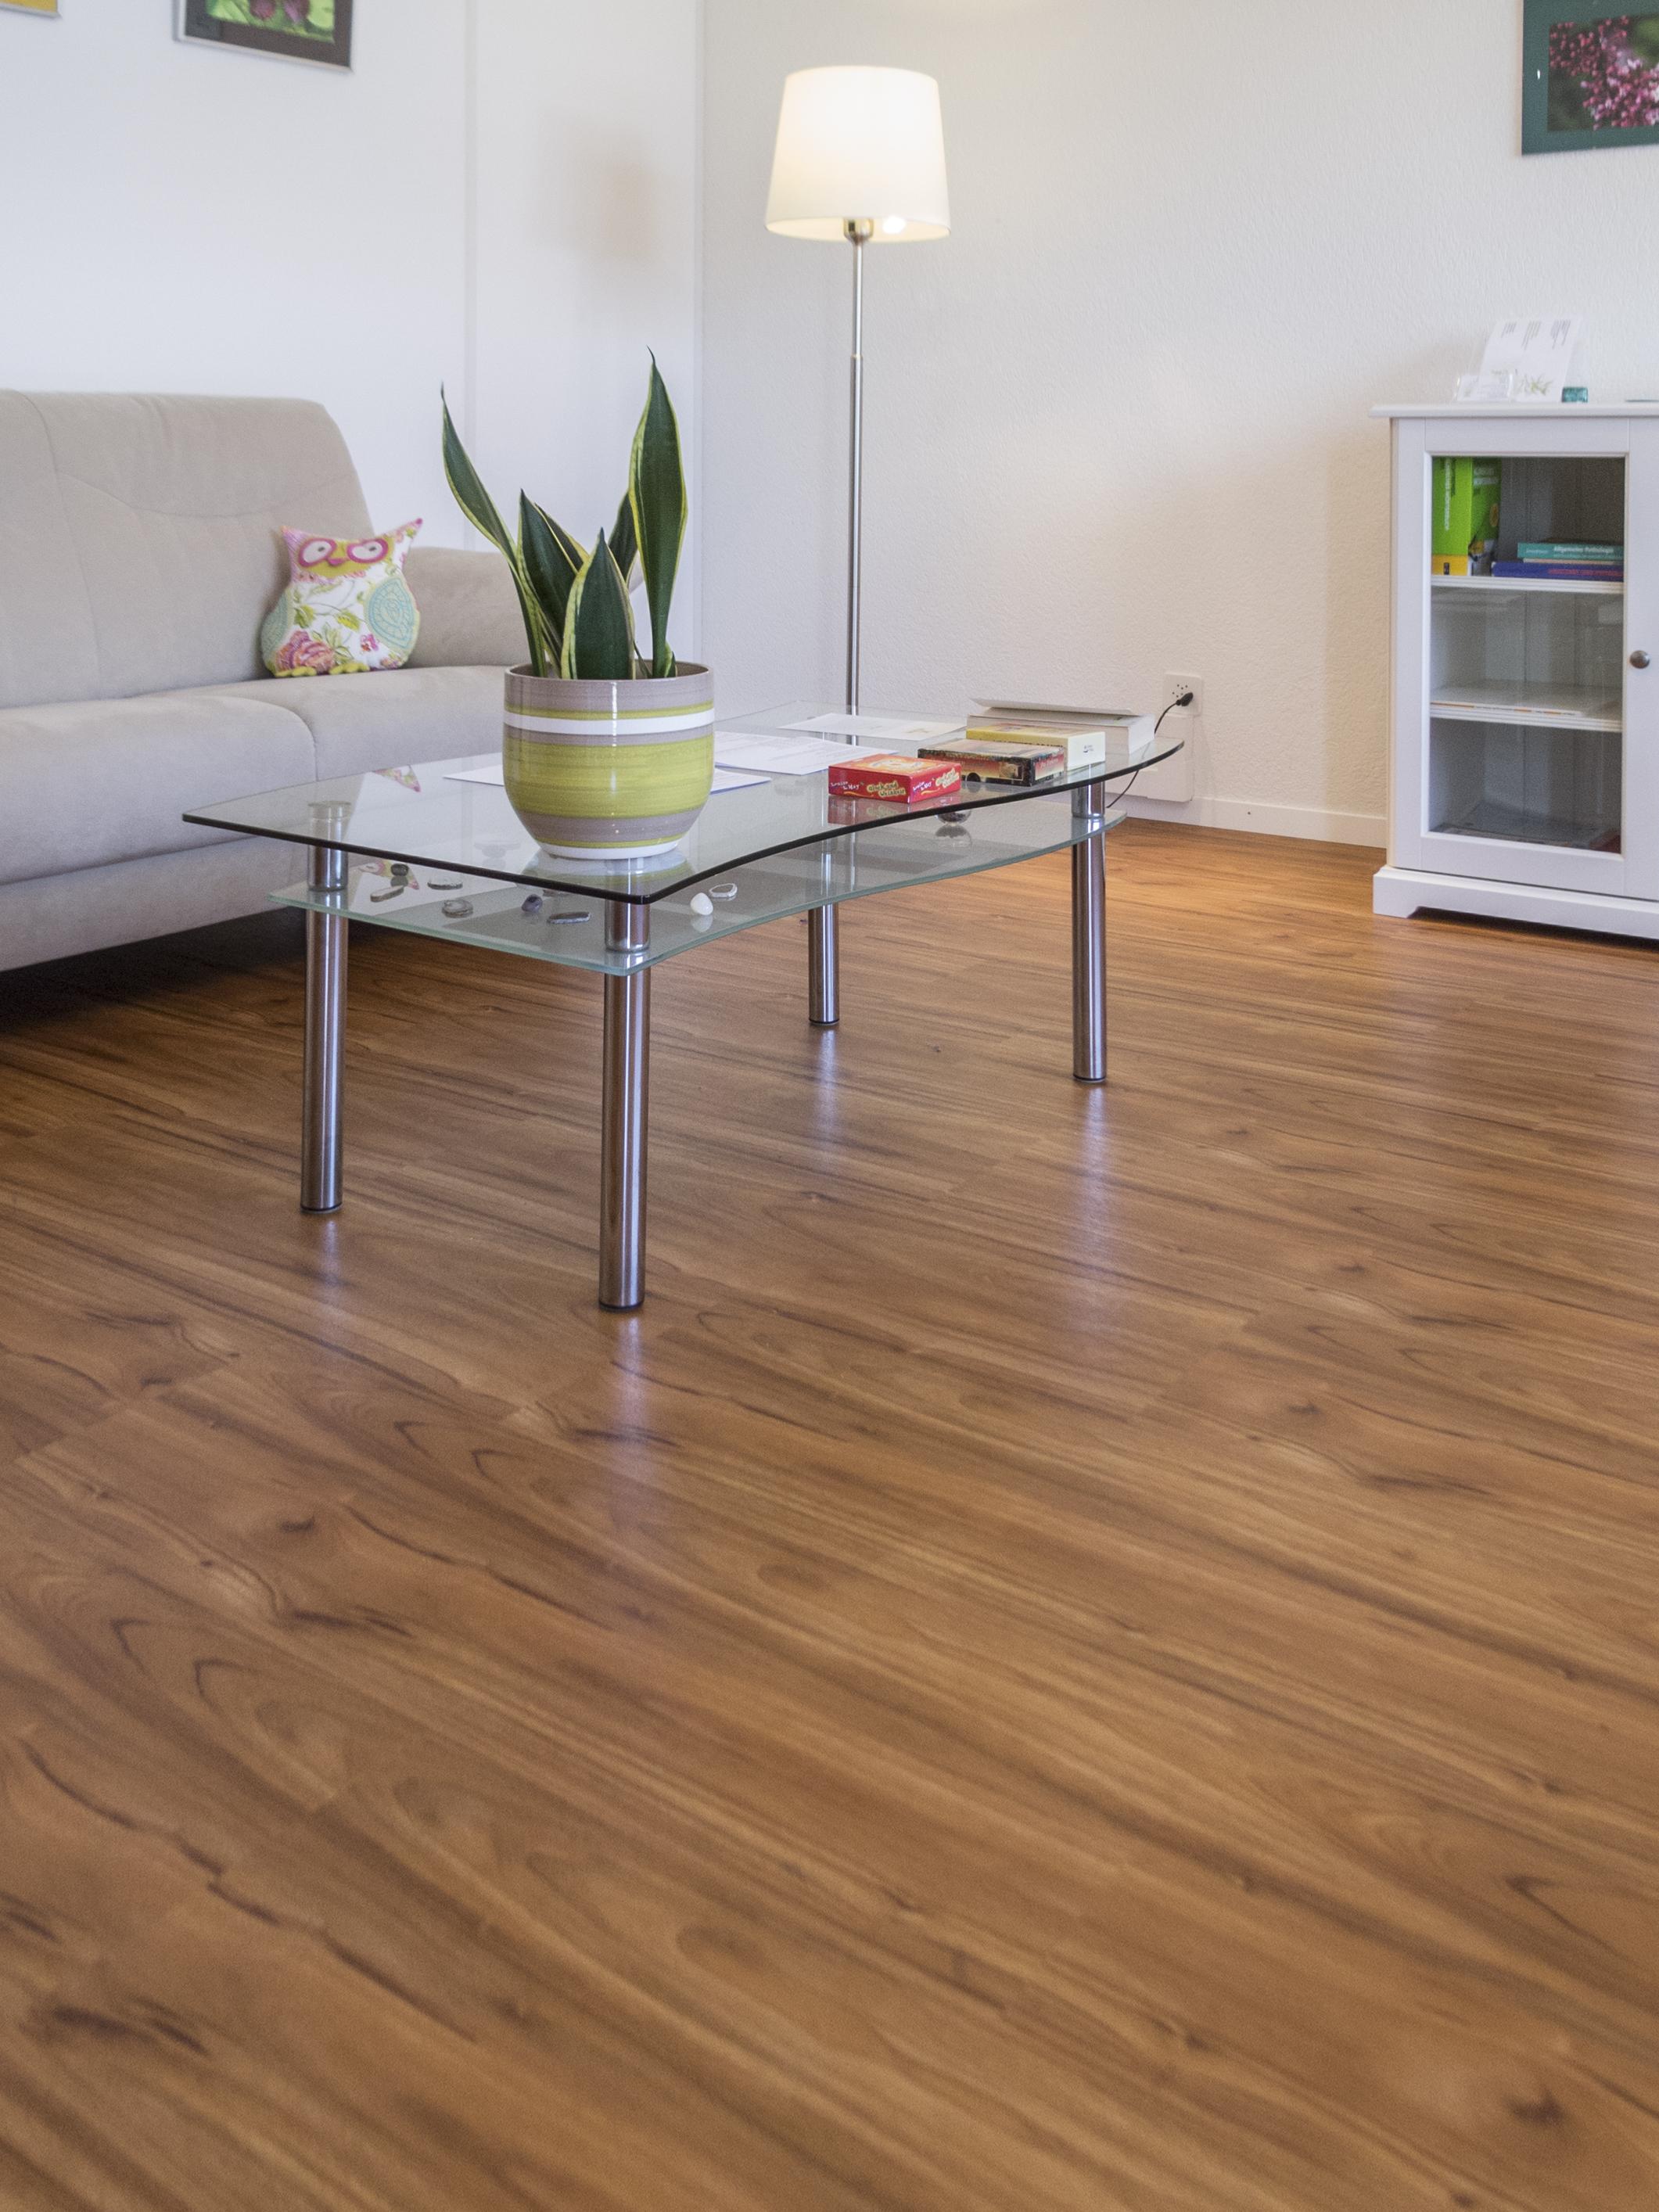 vinylboden klick. Black Bedroom Furniture Sets. Home Design Ideas